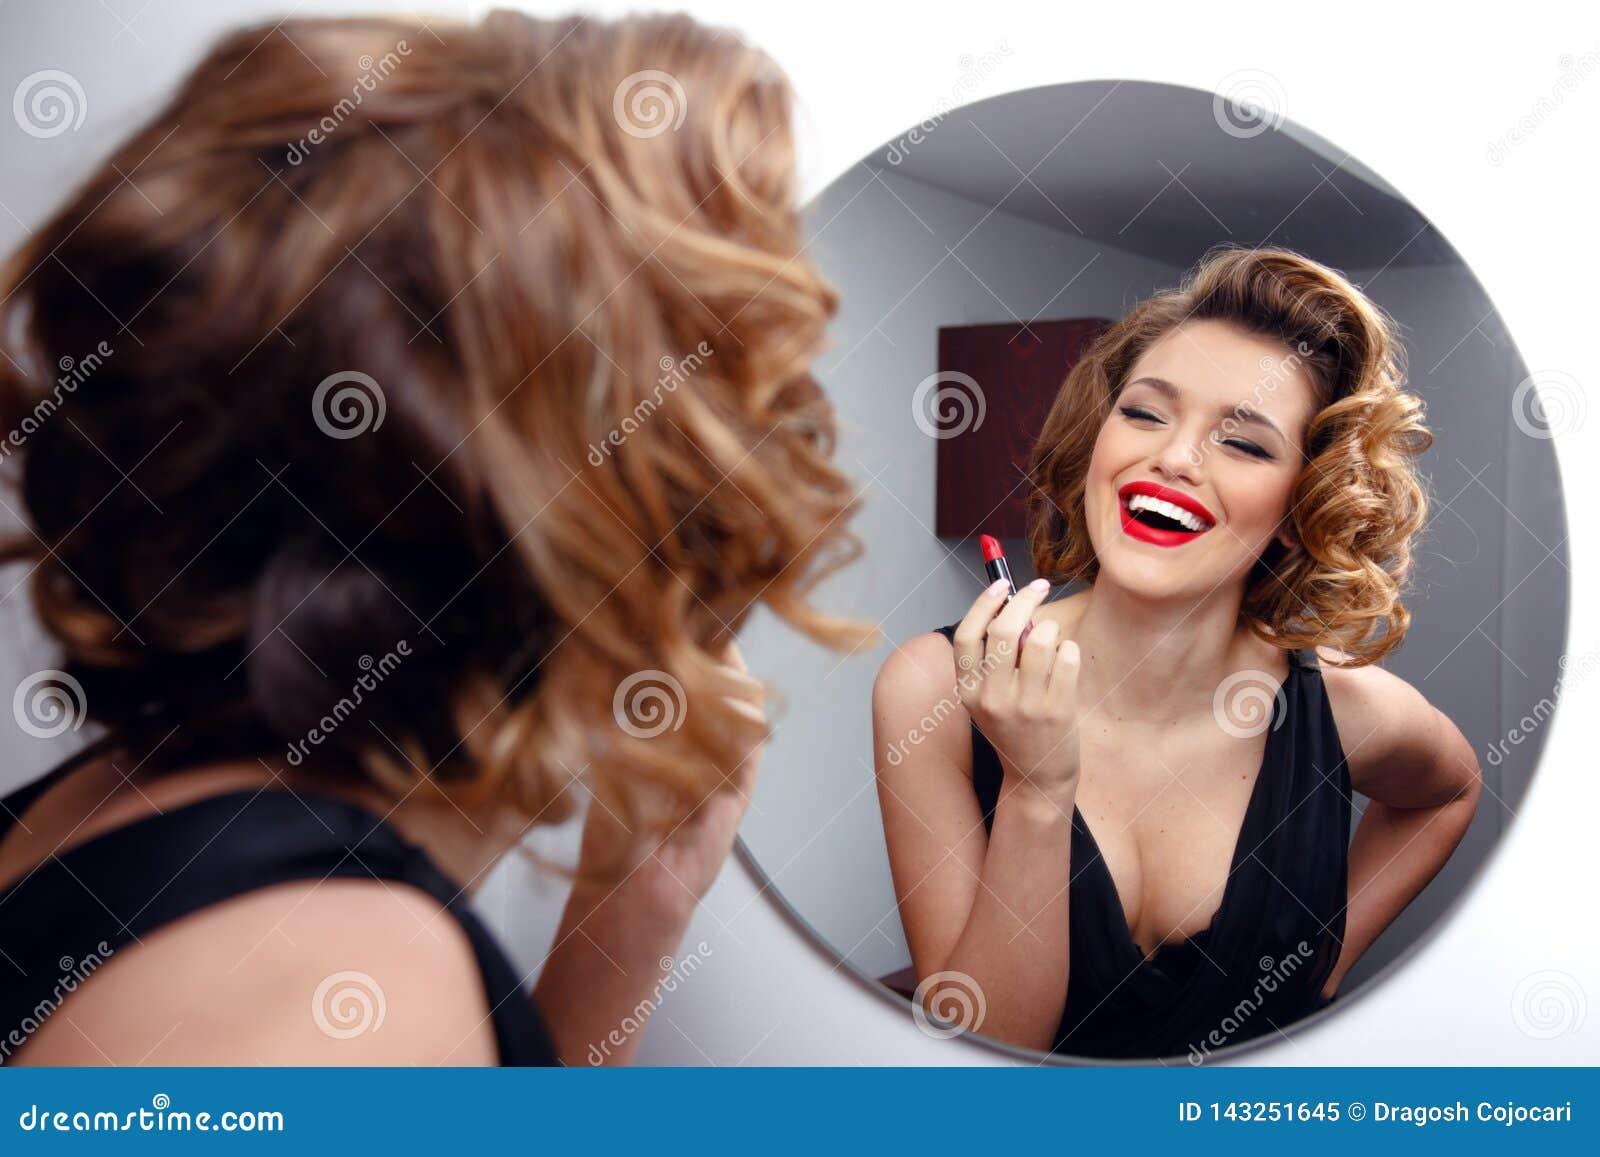 La bella giovane donna sorridente con perfetto compone, labbra rosse, retro acconciatura in vestito nero, guardante in specchio